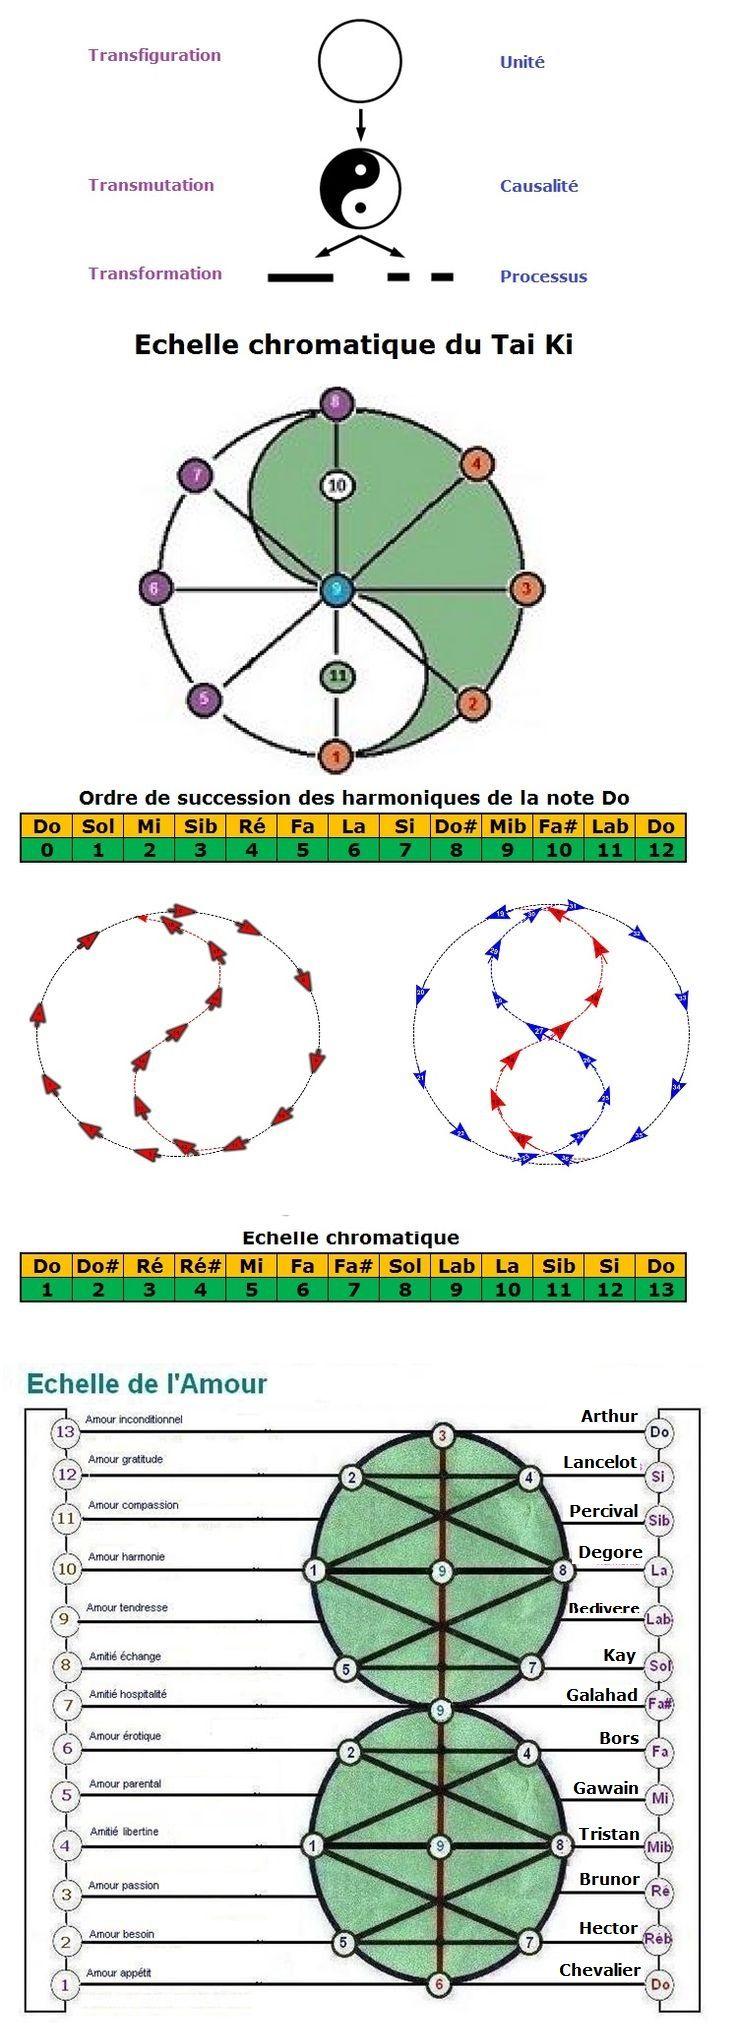 Trigramme, Hexagramme, Ennéagramme Df24adf10a86a9230b15a9ca2681d874